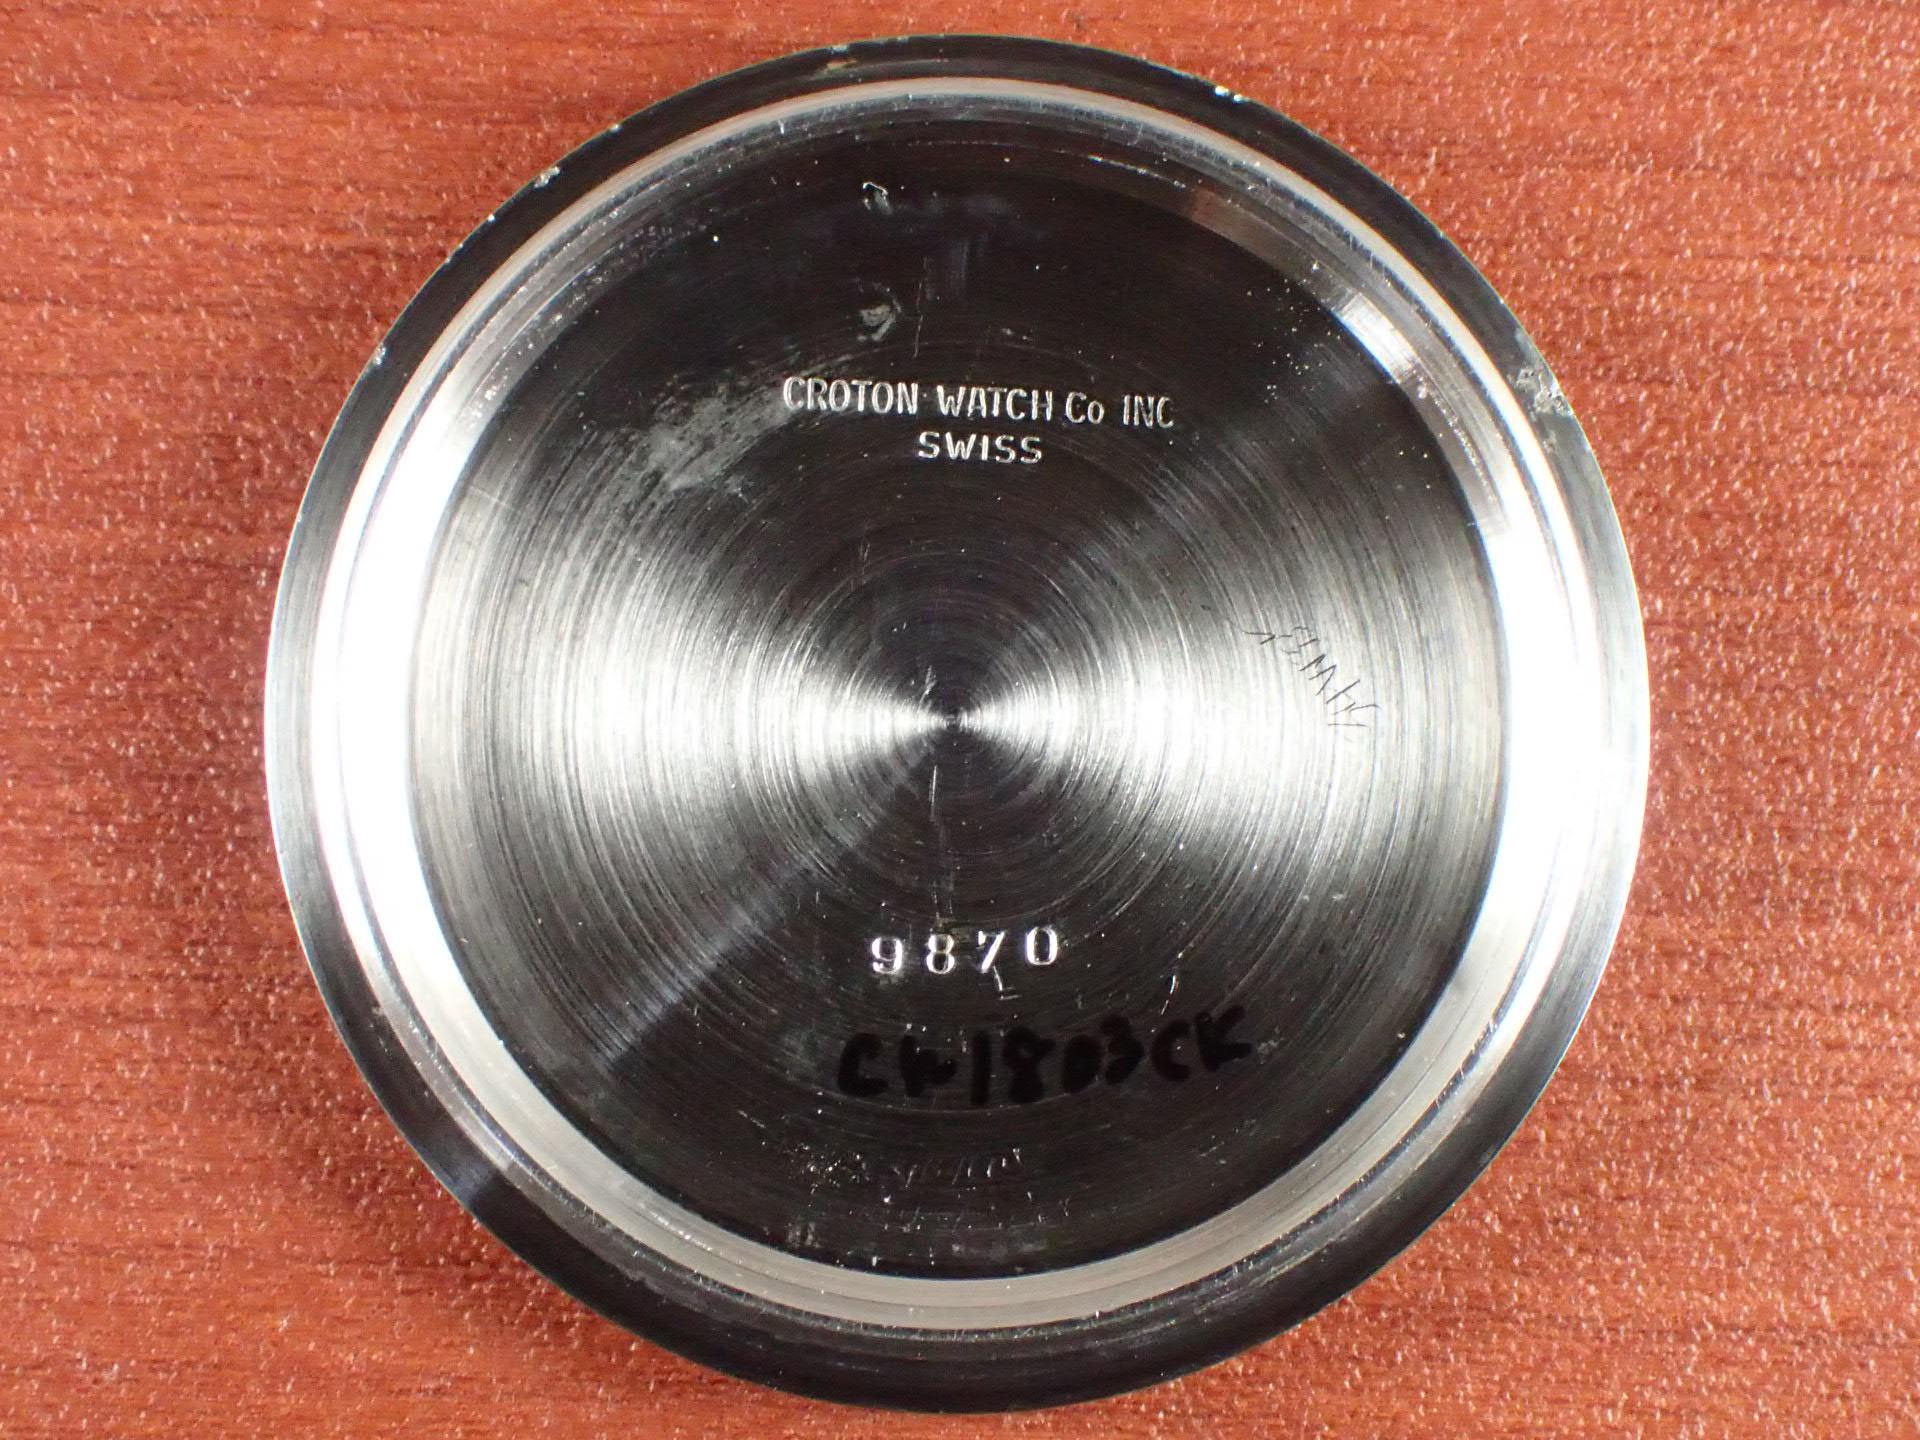 クロトン クロノマスター クロノグラフ バルジュー23 1960年代の写真6枚目